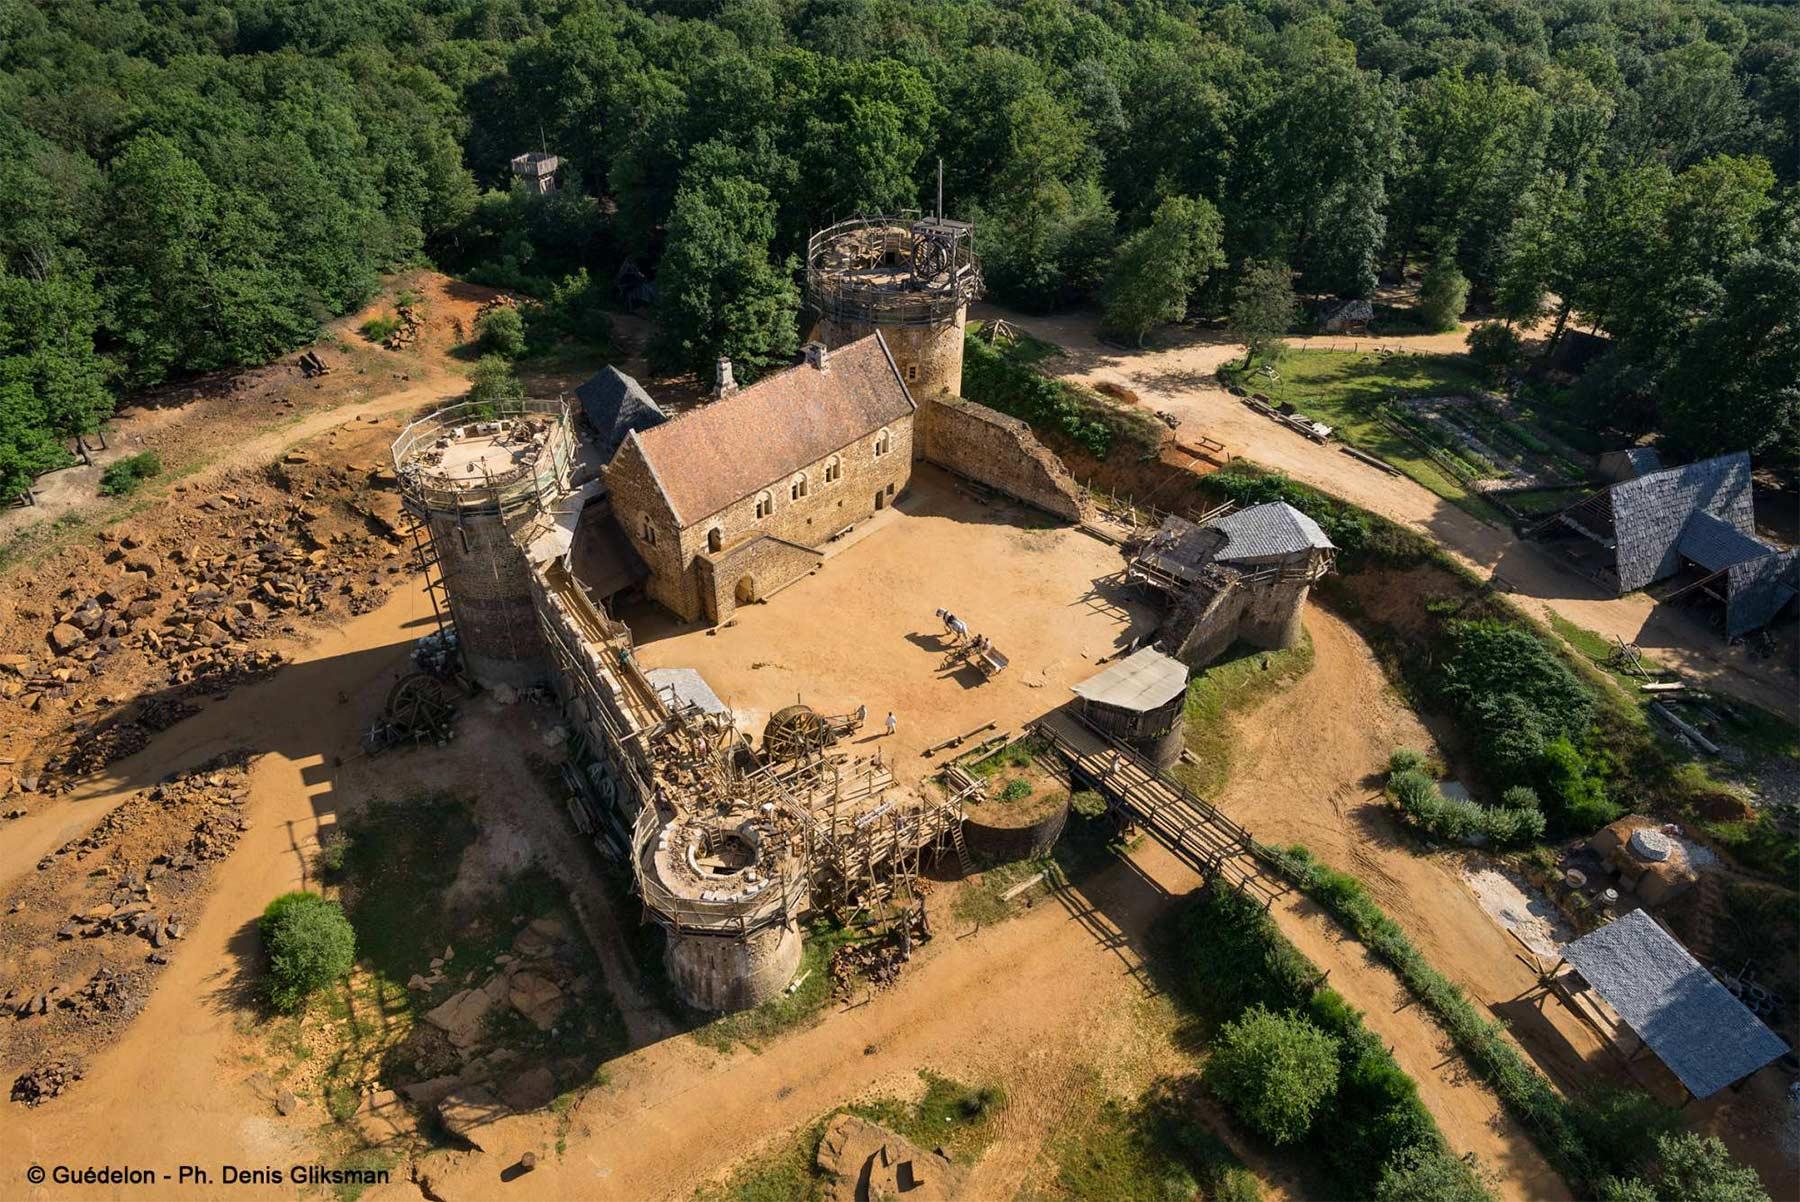 Diese Burg wird seit 20 Jahren mit mittelalterlichen Mitteln erbaut schloss-Guedelon_02